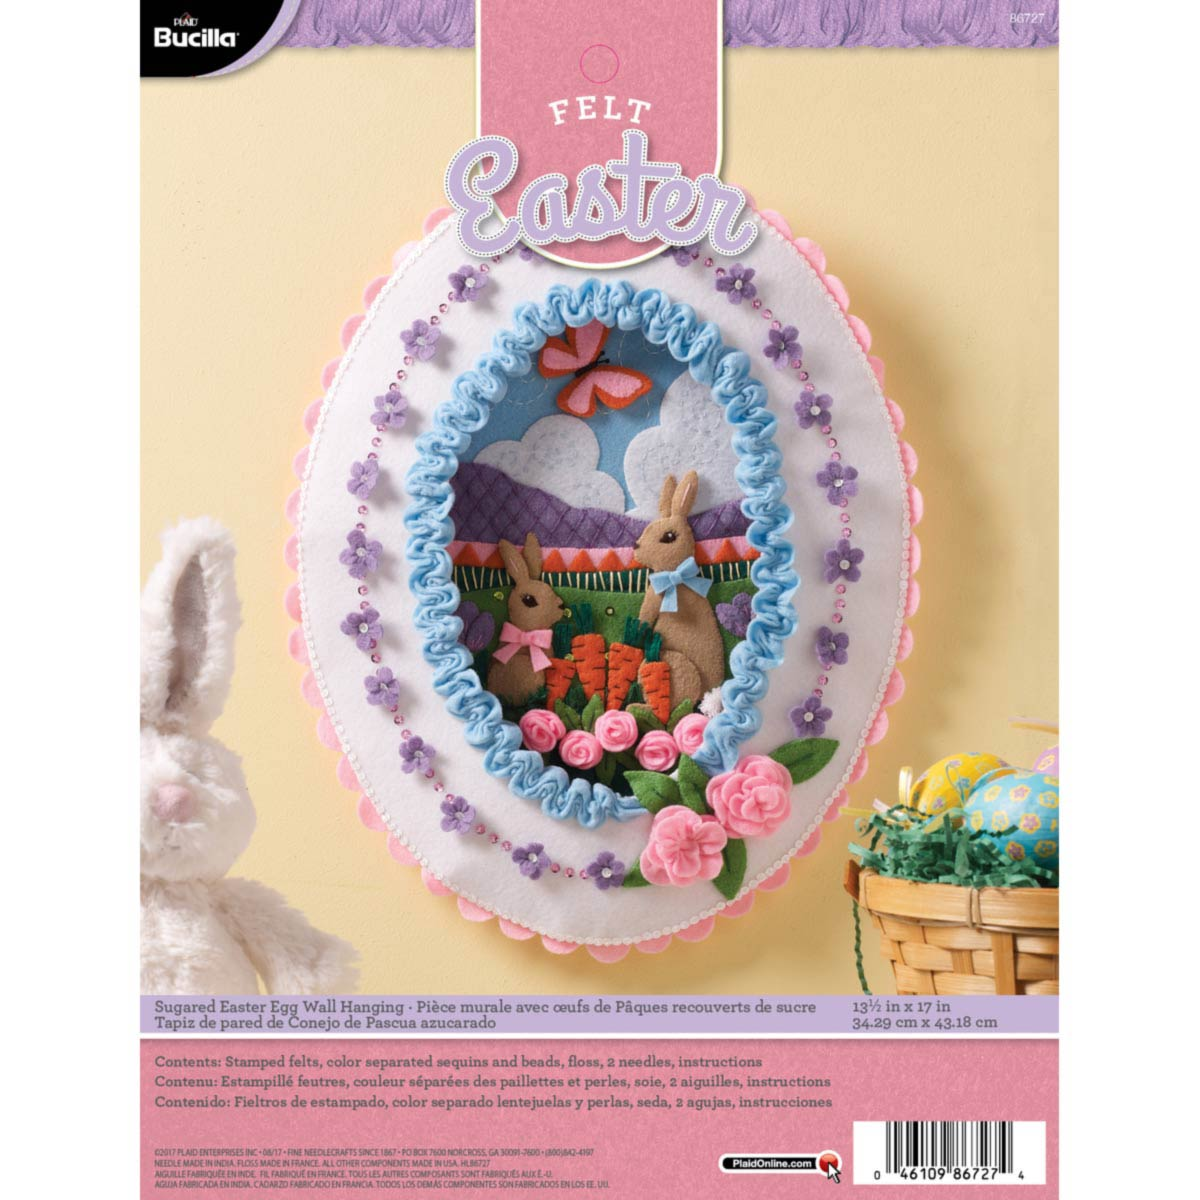 Bucilla ® Seasonal - Felt - Home Decor - Door/Wall Hanging Kits - Sugared Easter Egg